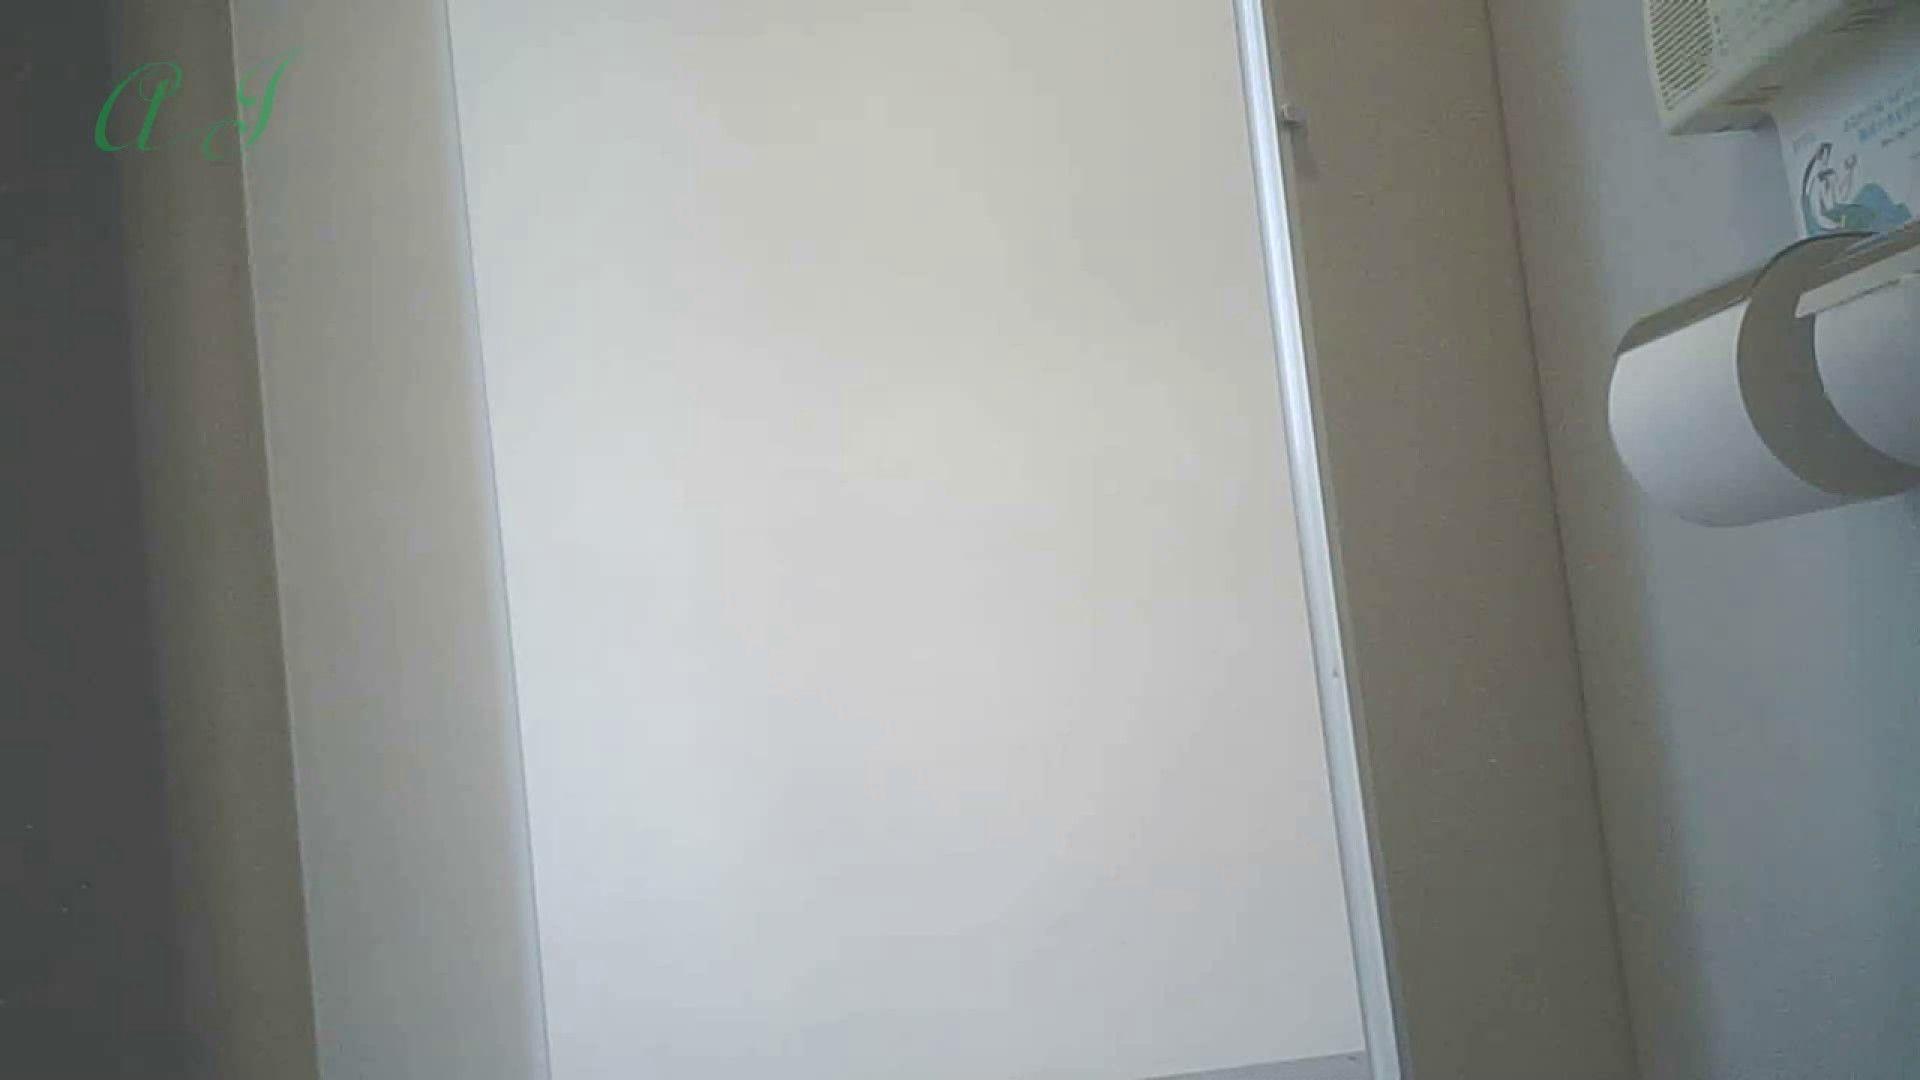 有名大学女性洗面所 vol.67トイレの女神さま♪ OLエロ画像  108PICs 60